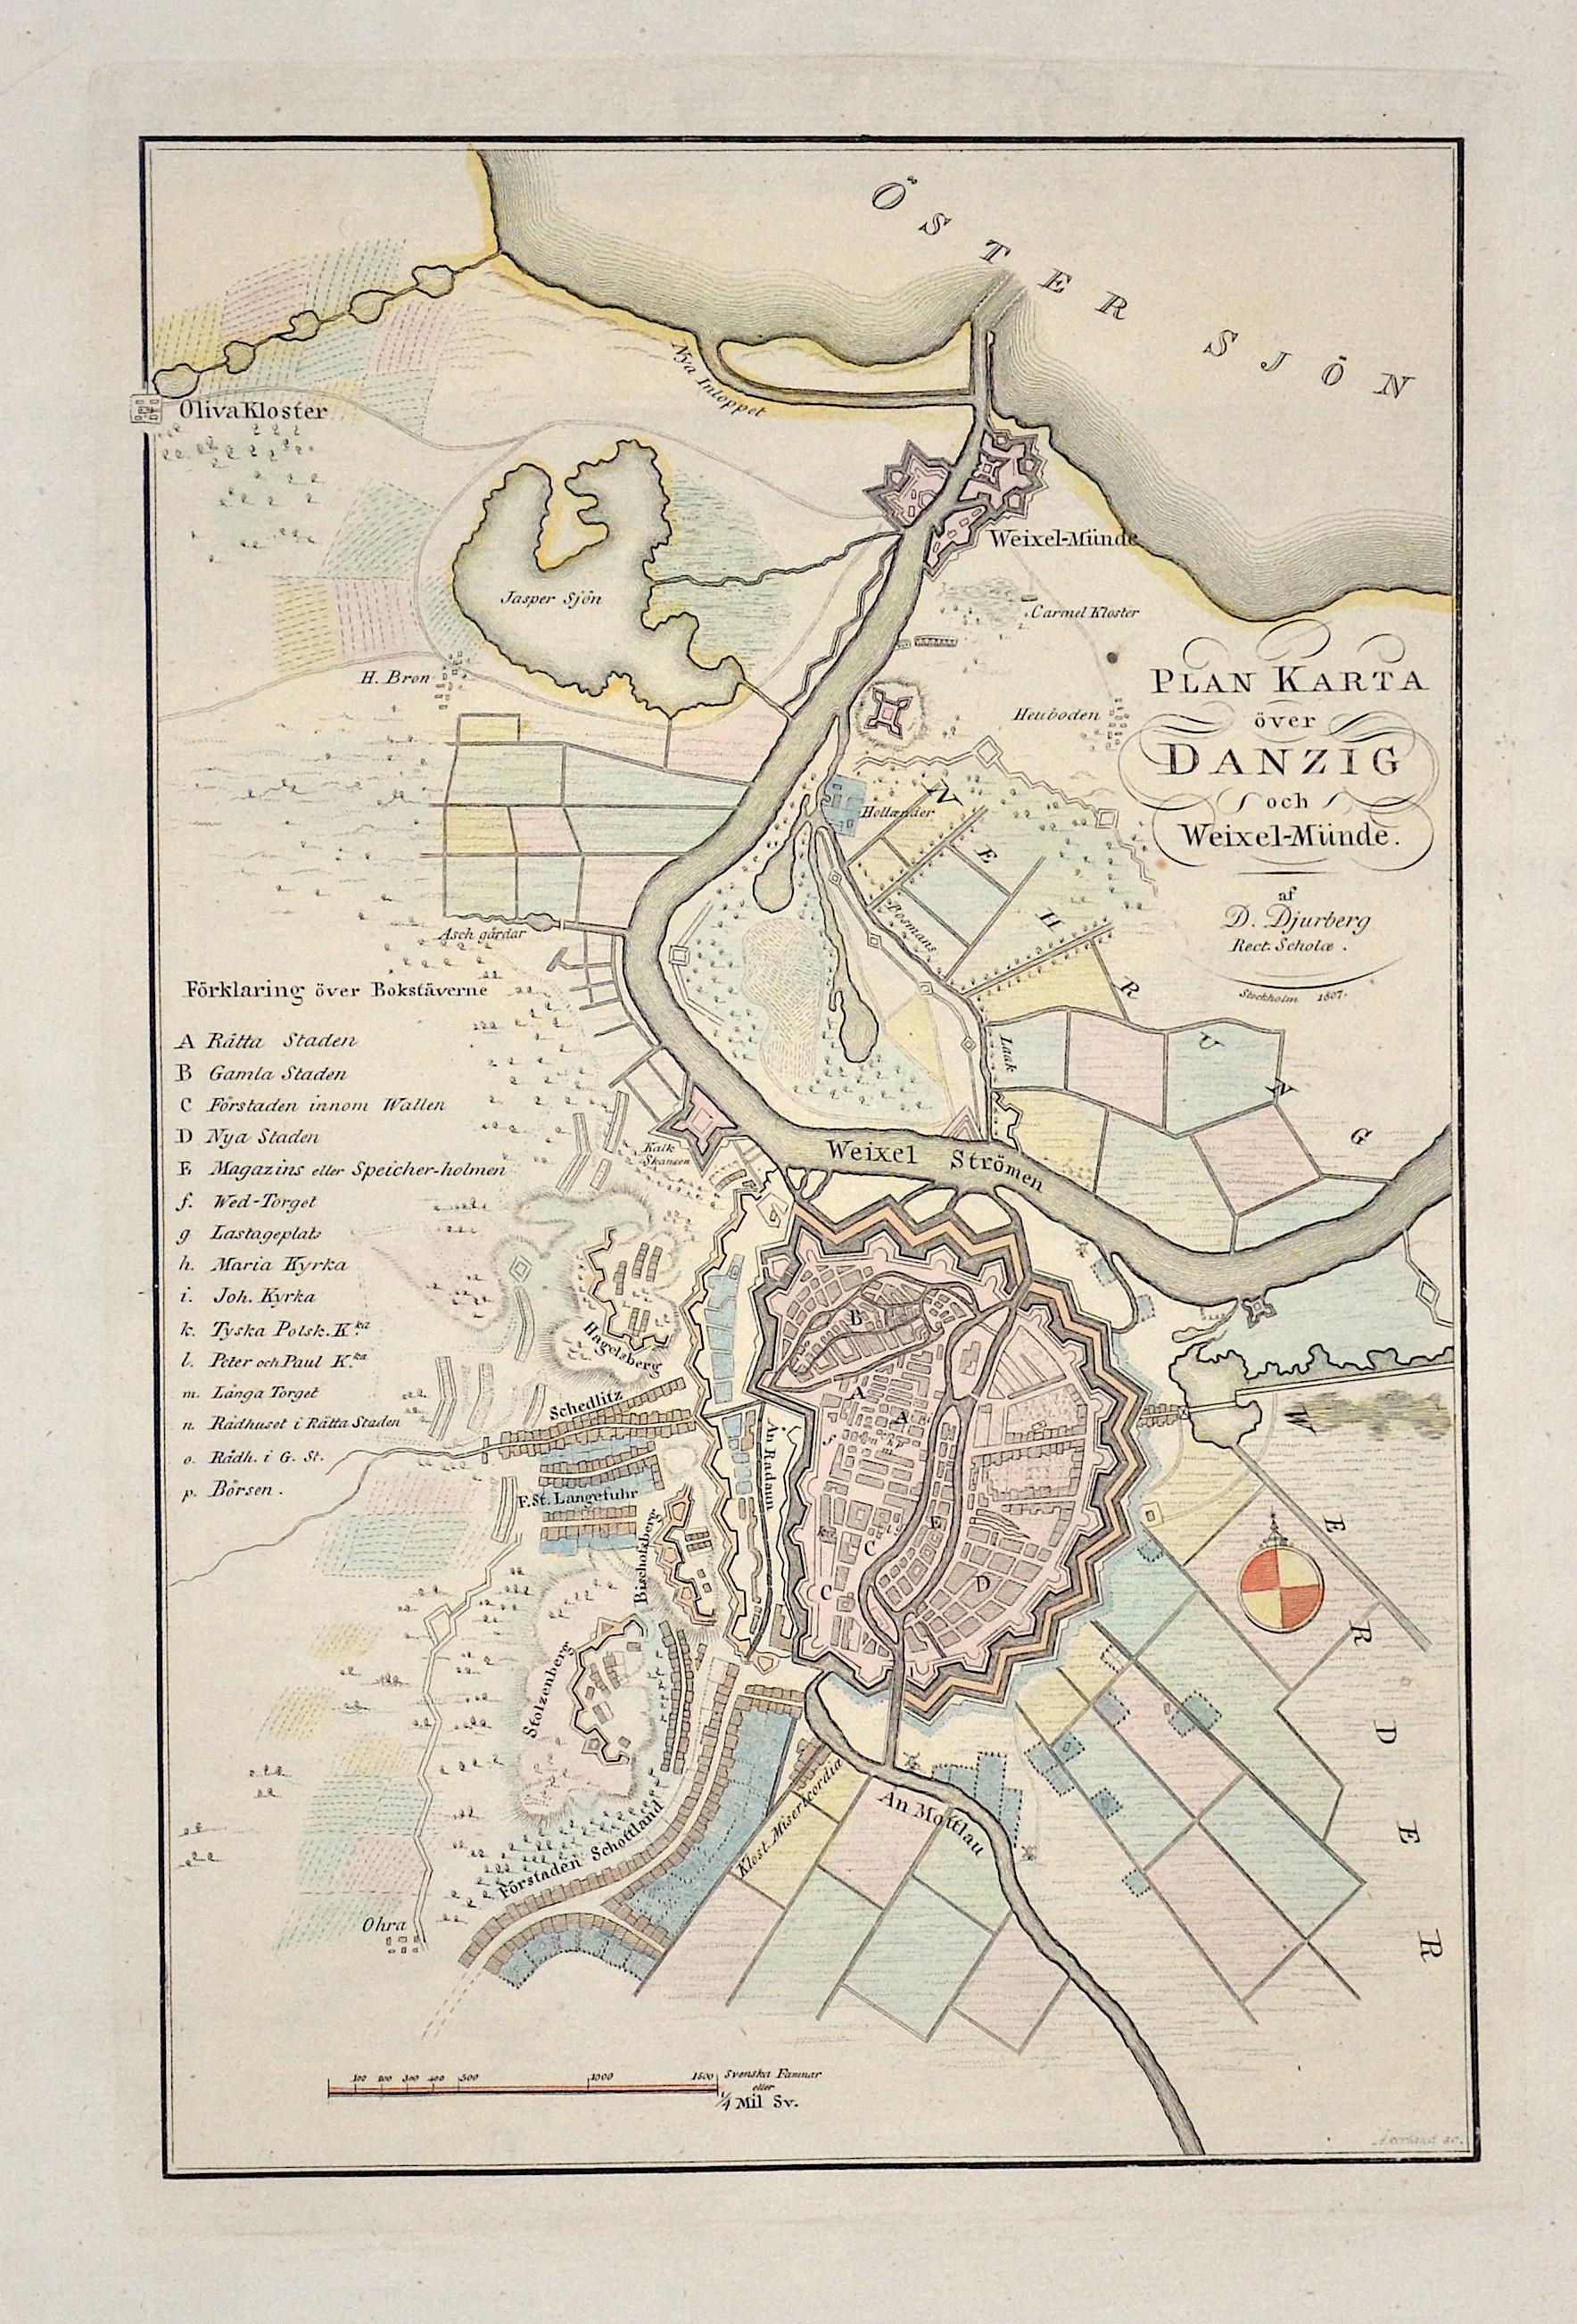 Akerland  Plan Karta över Danzig och Weixel-Münde.